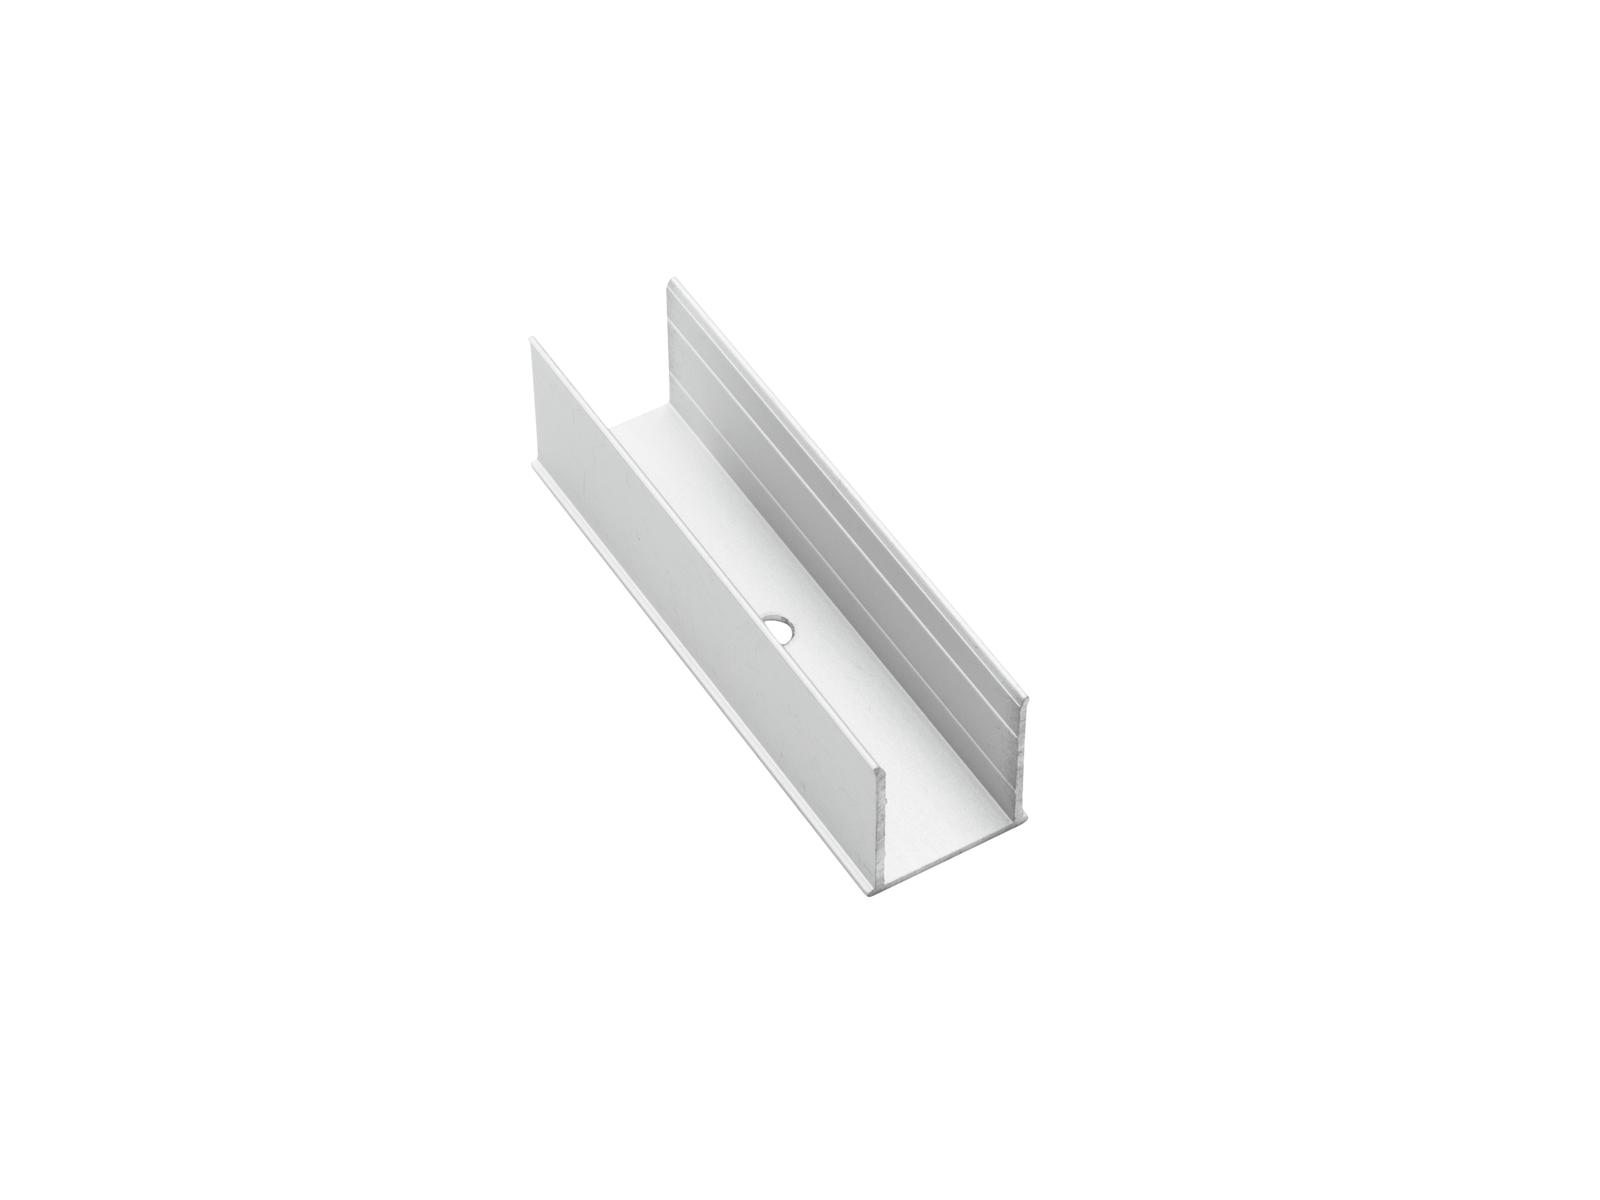 Eurolite LED Neon Flex 230V Slim, hliníková lišta 5 cm